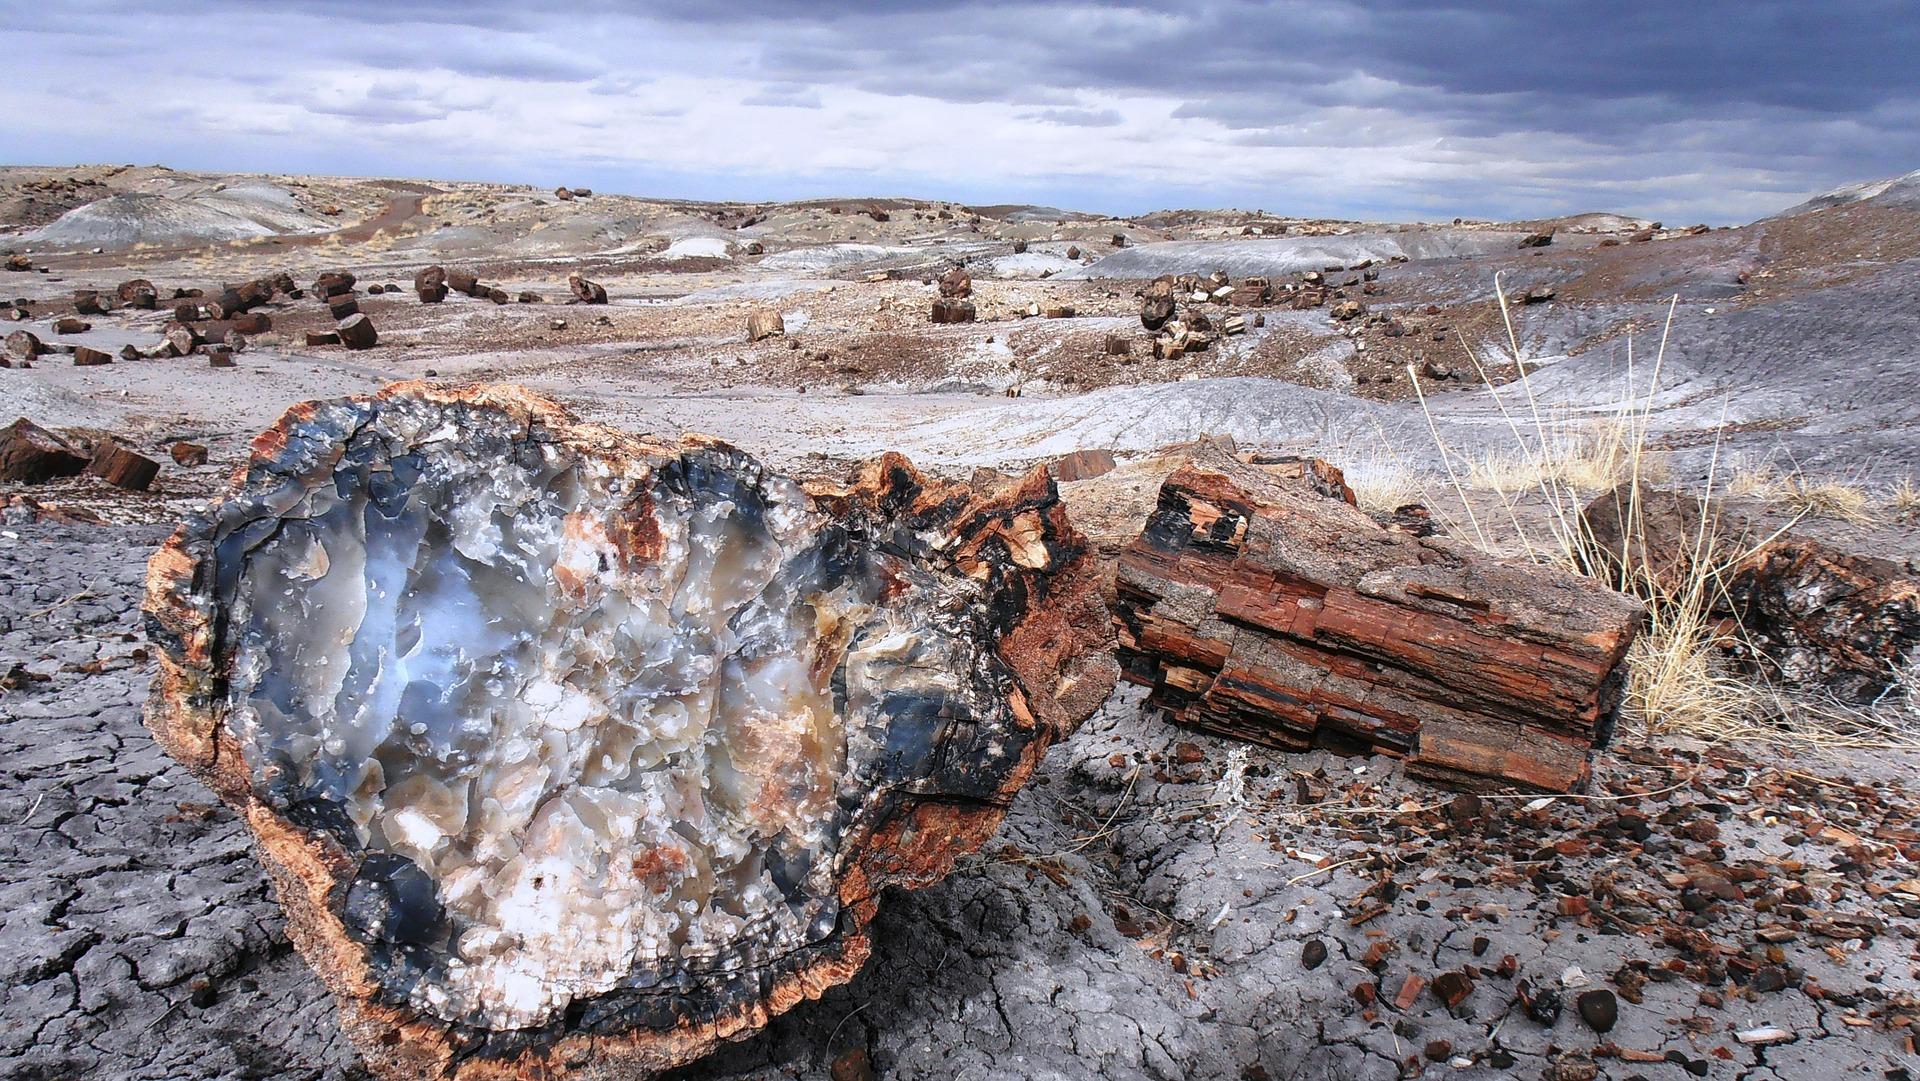 Bror arvede fossilsamling – nu er den overdraget til Naturcentret på Trelde Næs